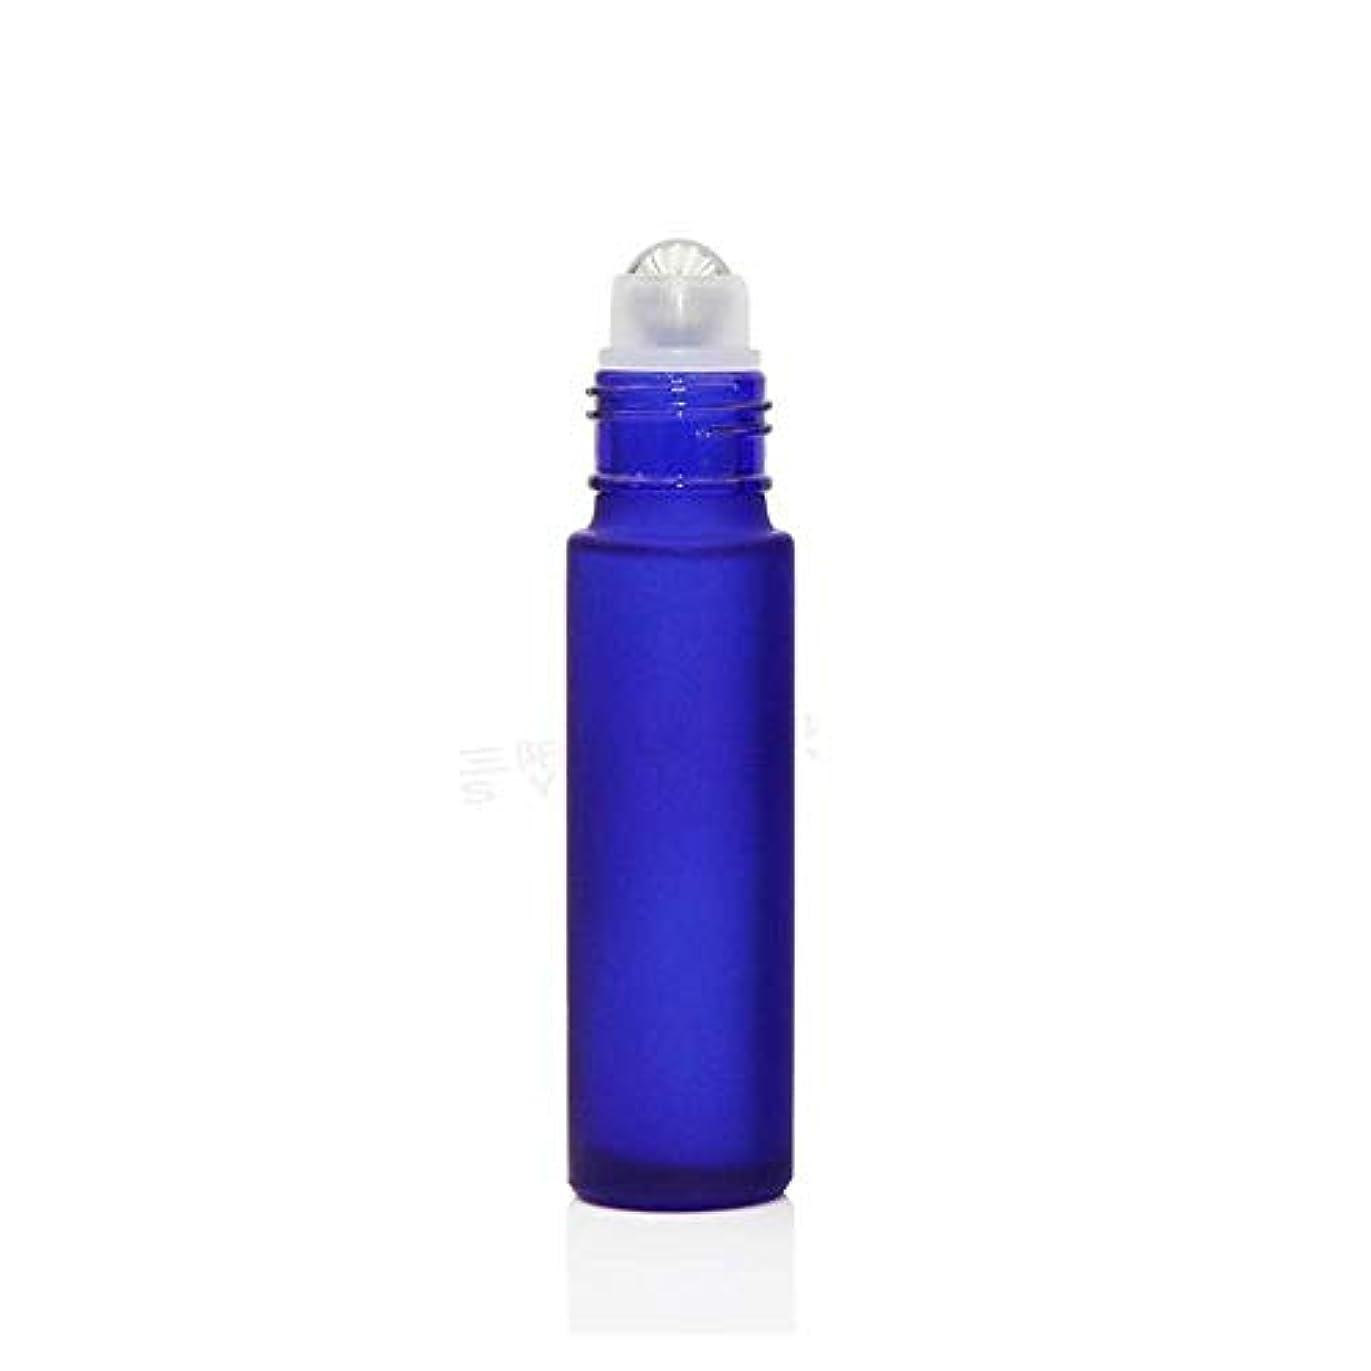 チャートアレンジ花火gundoop ロールオンボトル アロマオイル 精油 小分け用 遮光瓶 10ml 10本セット ガラスロールタイプ (ブルー)